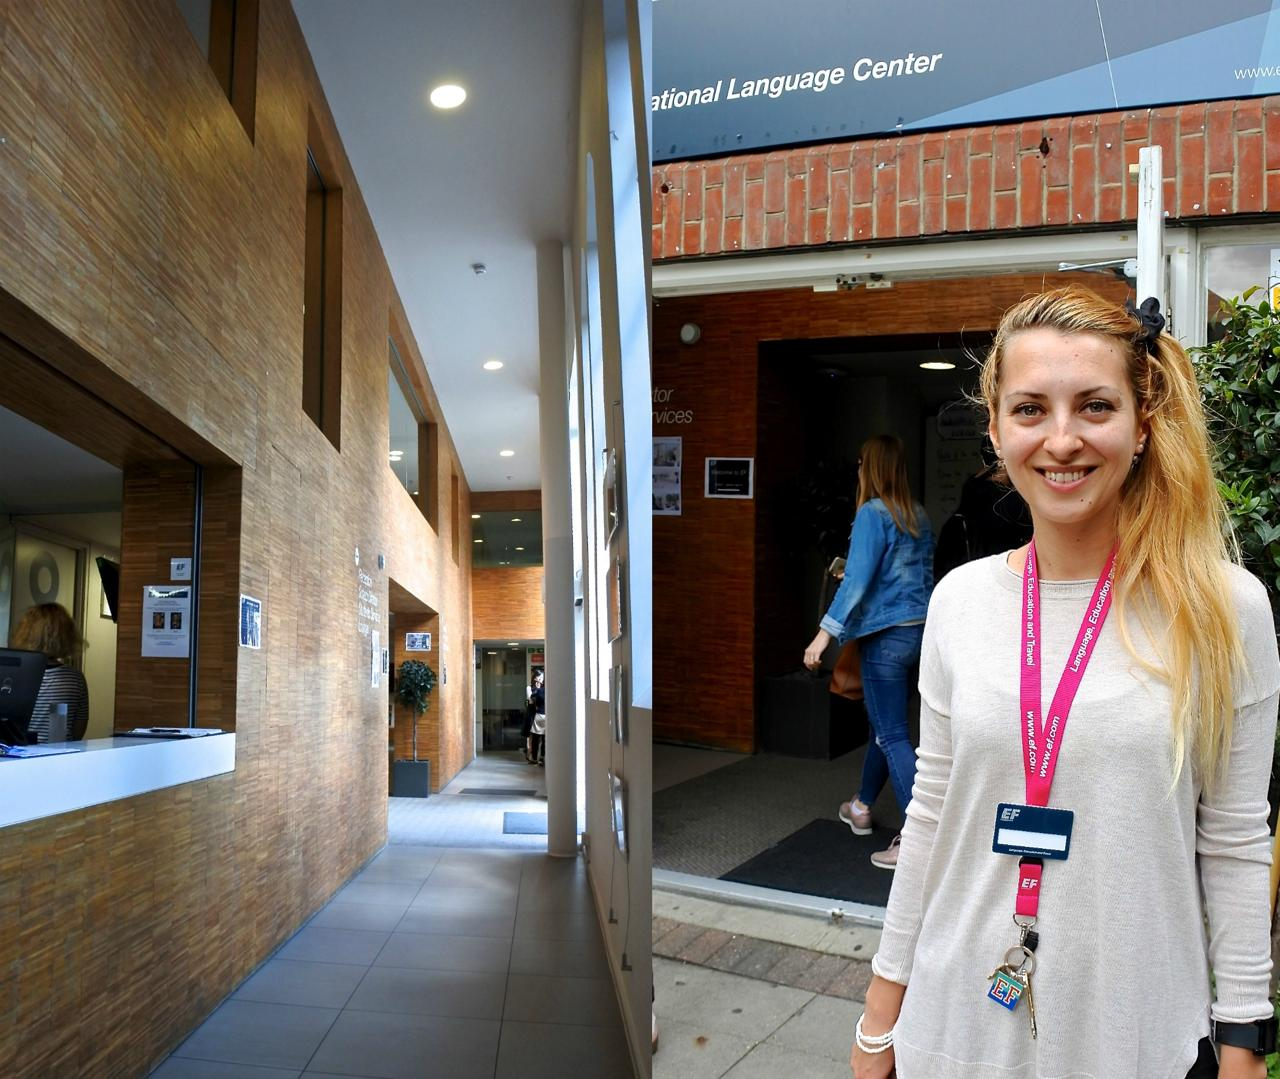 右は案内してくださったジョージアナさん。25 歳以上の学生にアクティビティを紹介しているコーディネーターさんです。ルーマニア美人♪